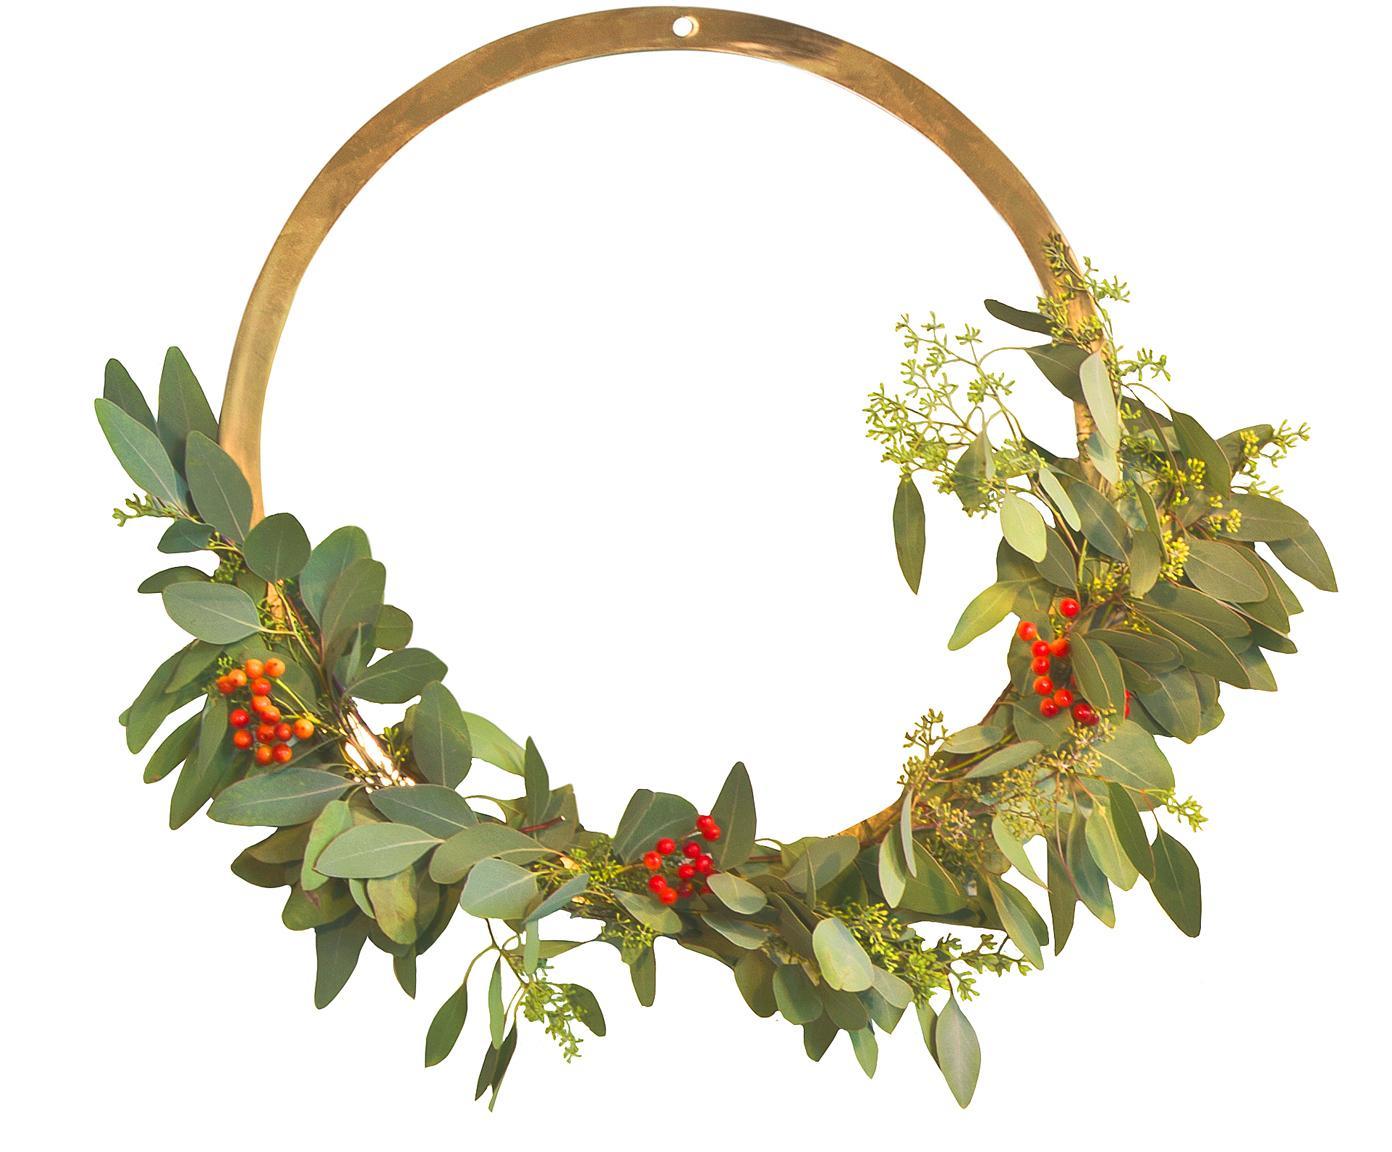 Wandobjekt Wreath, Messing, gebürstet, Messing, Ø 20 cm